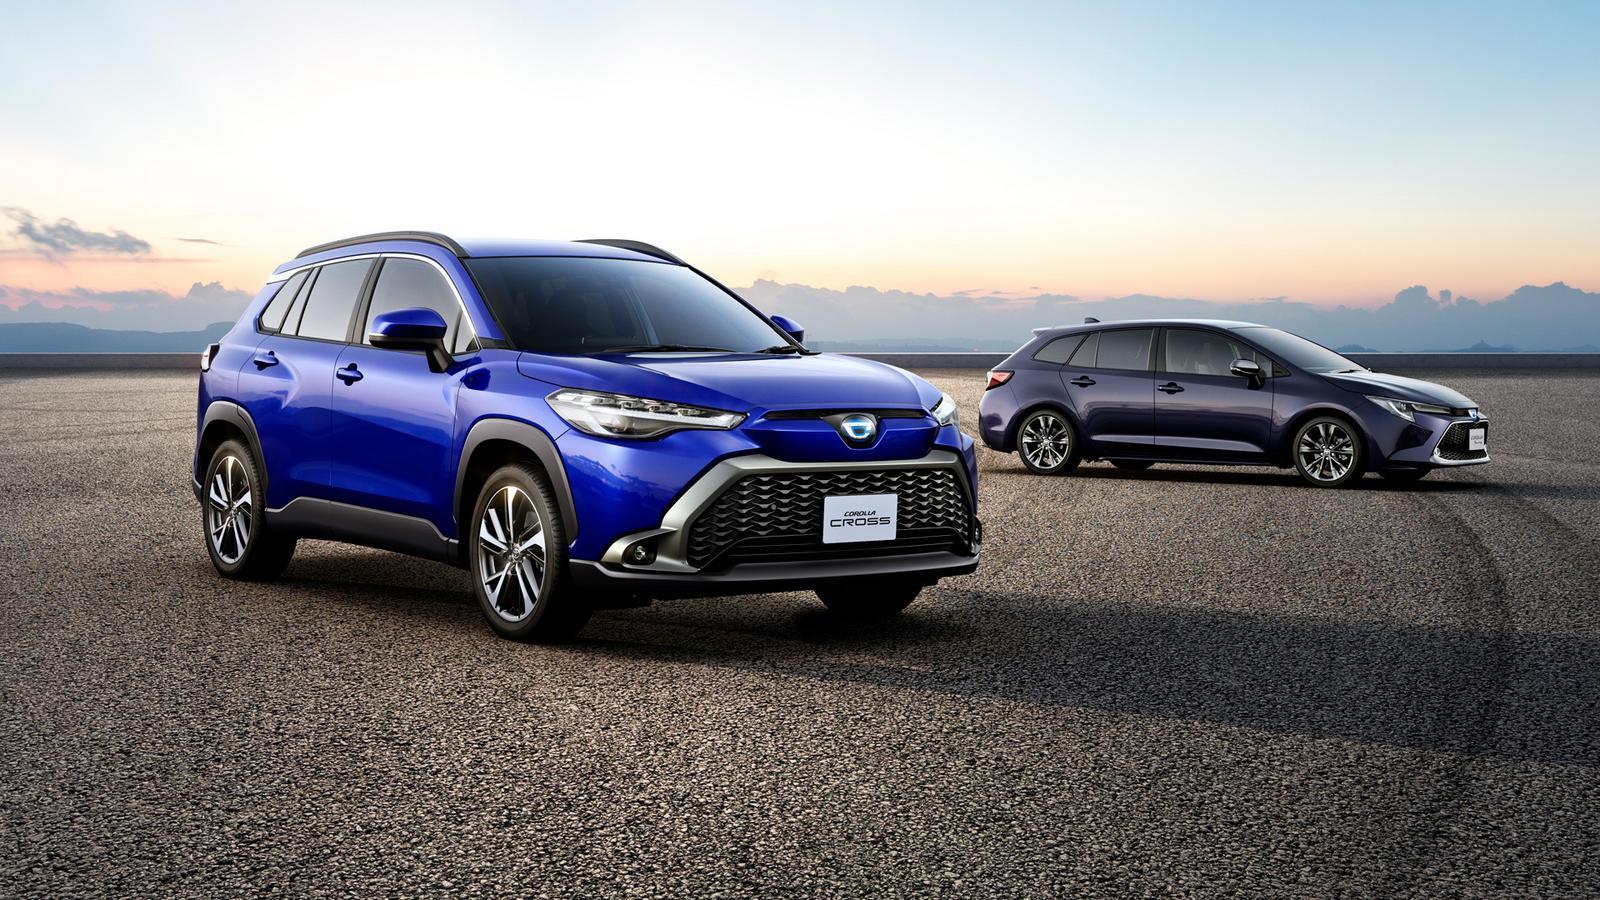 Honda, Mazda, Nissan, Toyota i Subaru - nowy sojusz koncernów